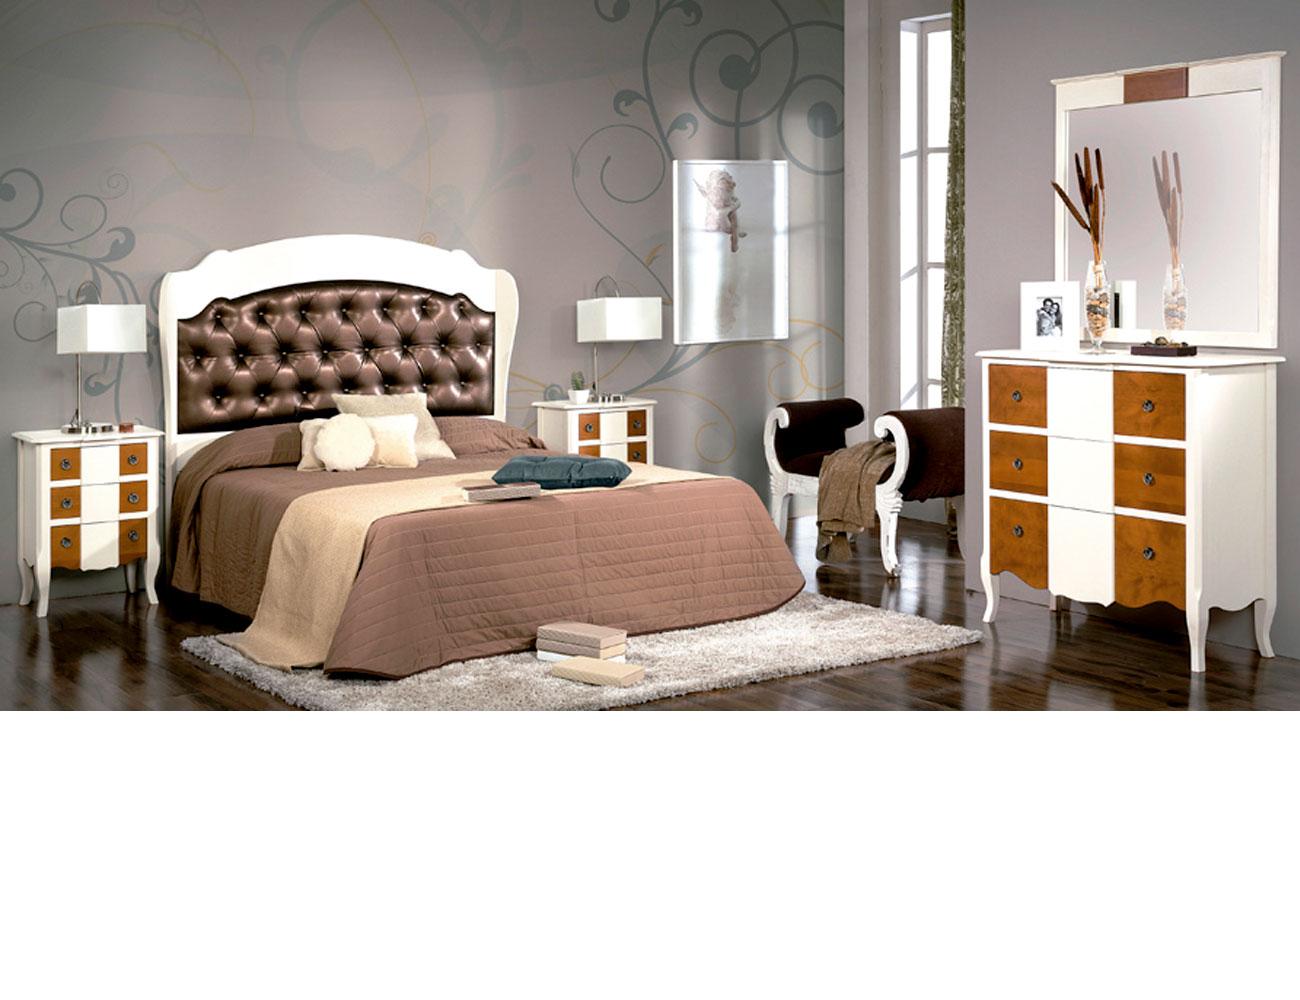 Dormitorio matrimonio cabecero tapizado polipiel comoda2